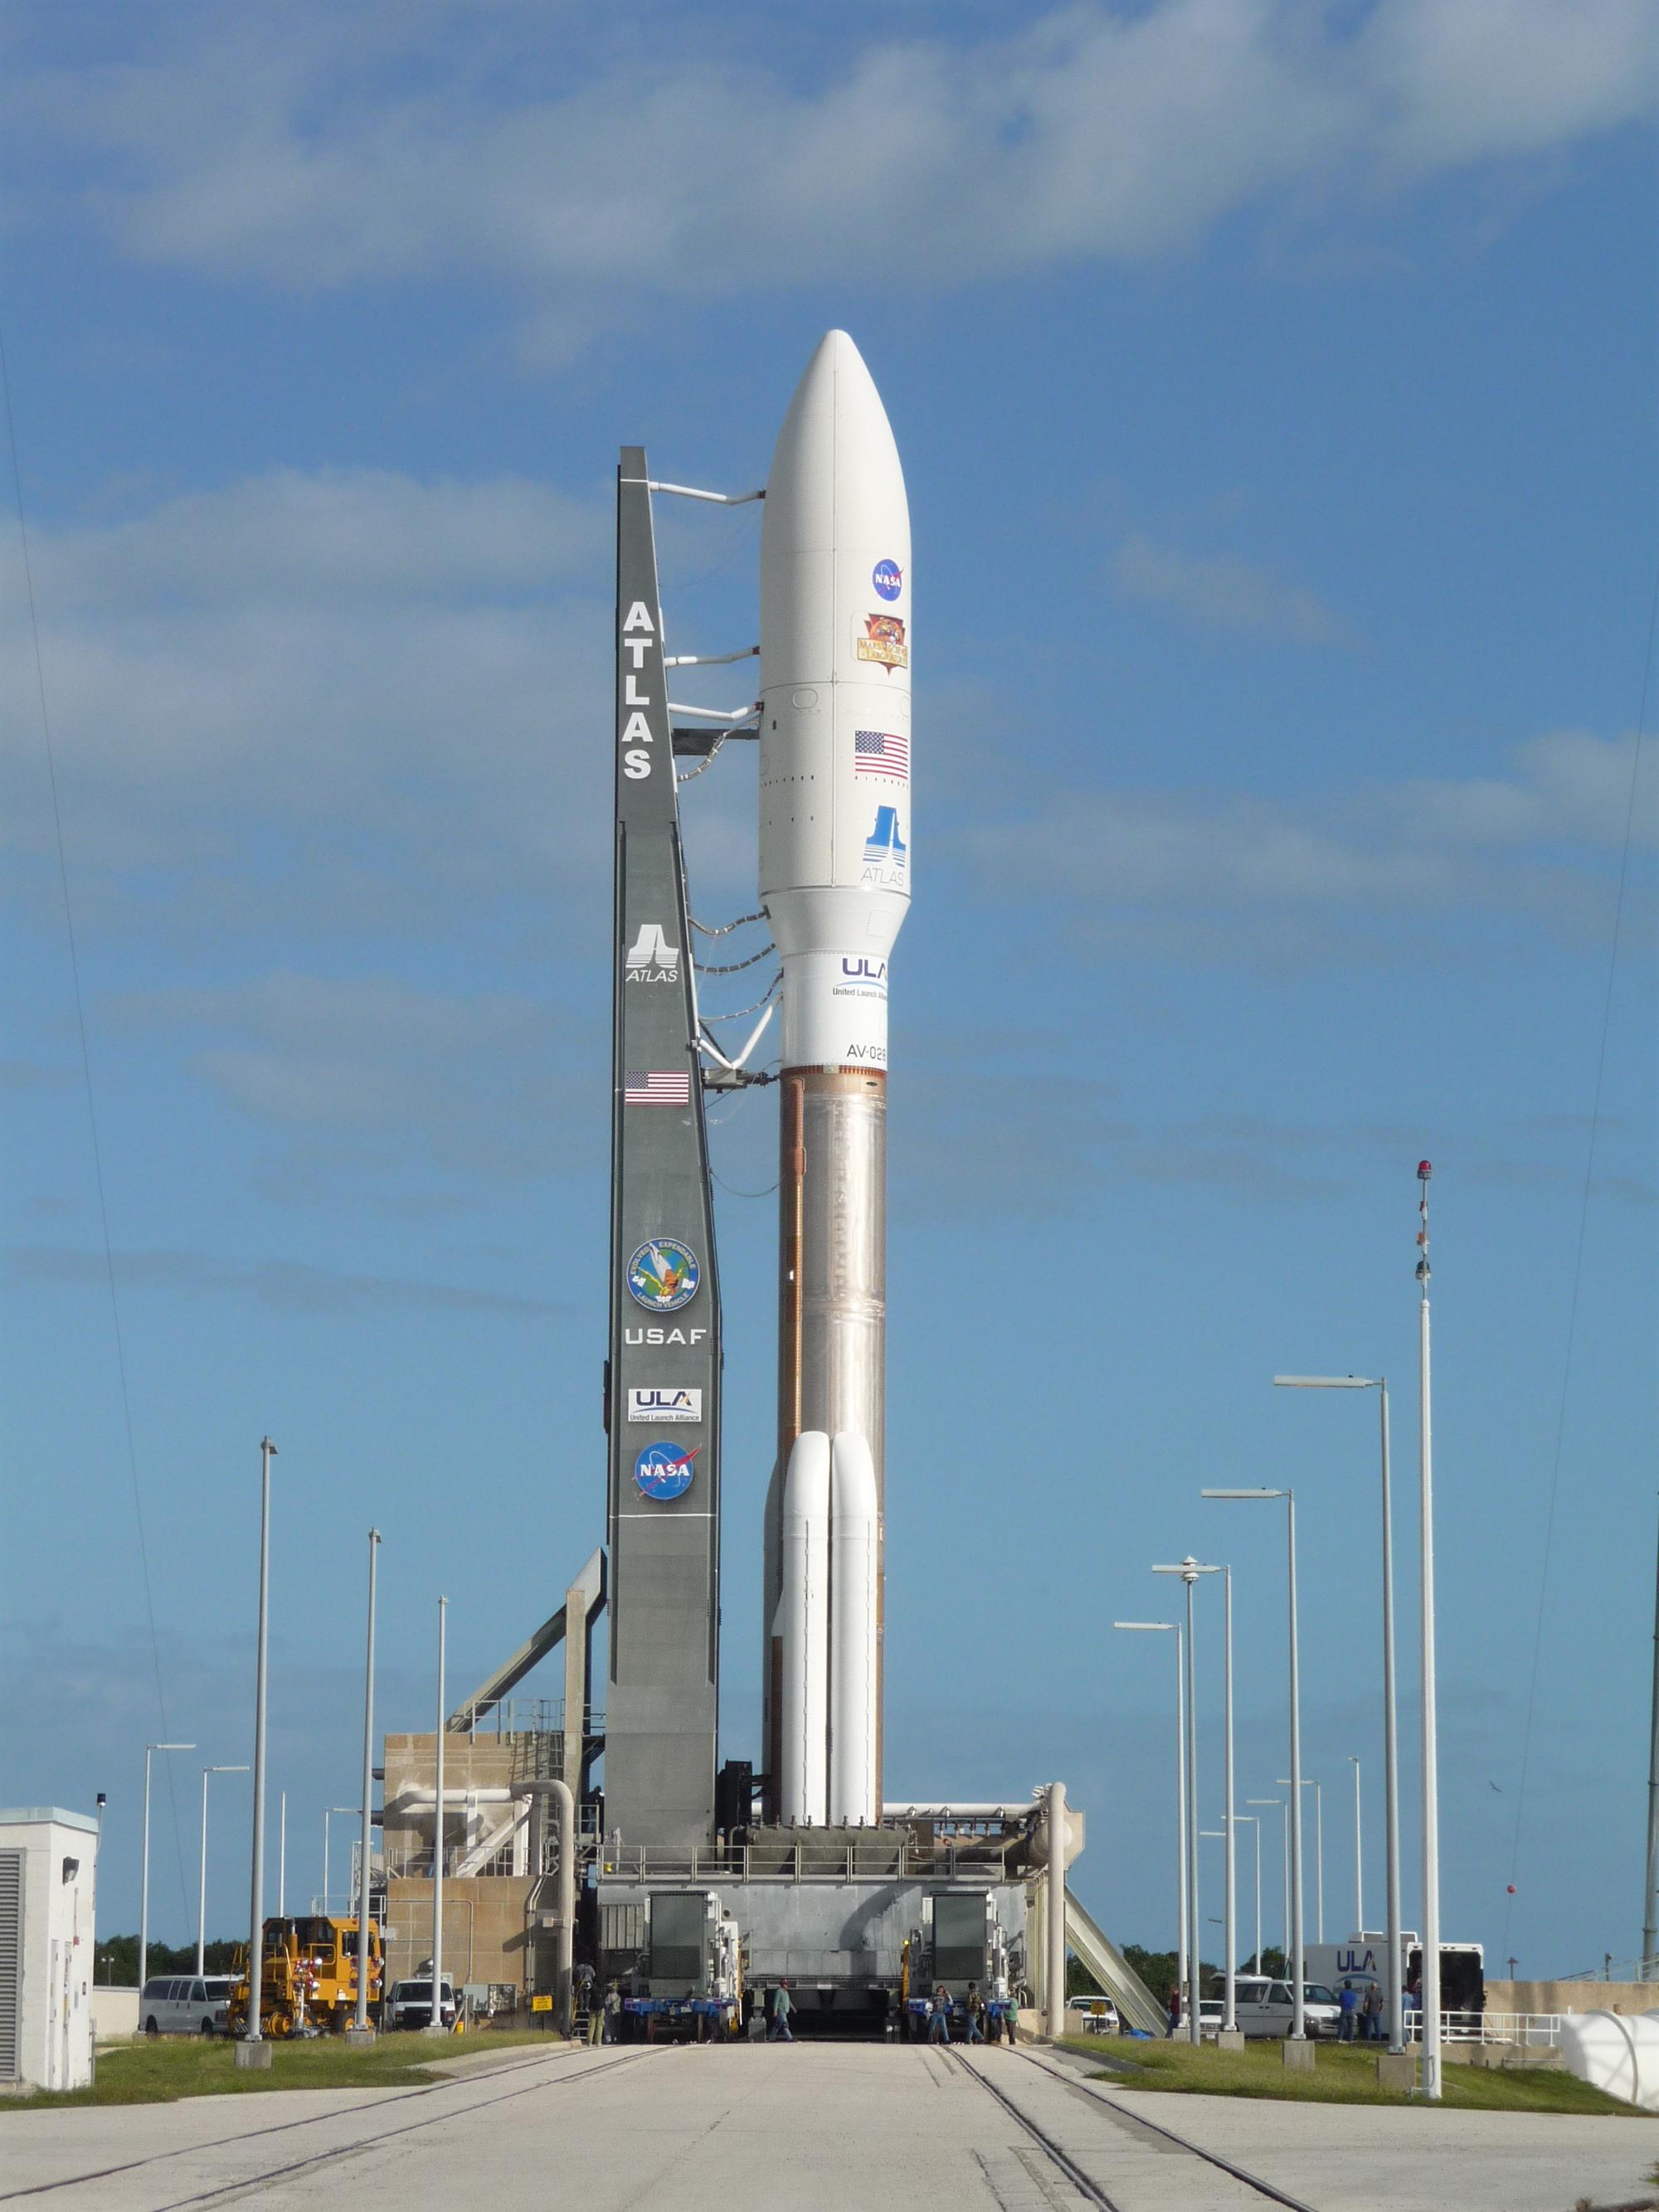 mars rover rocket - photo #10